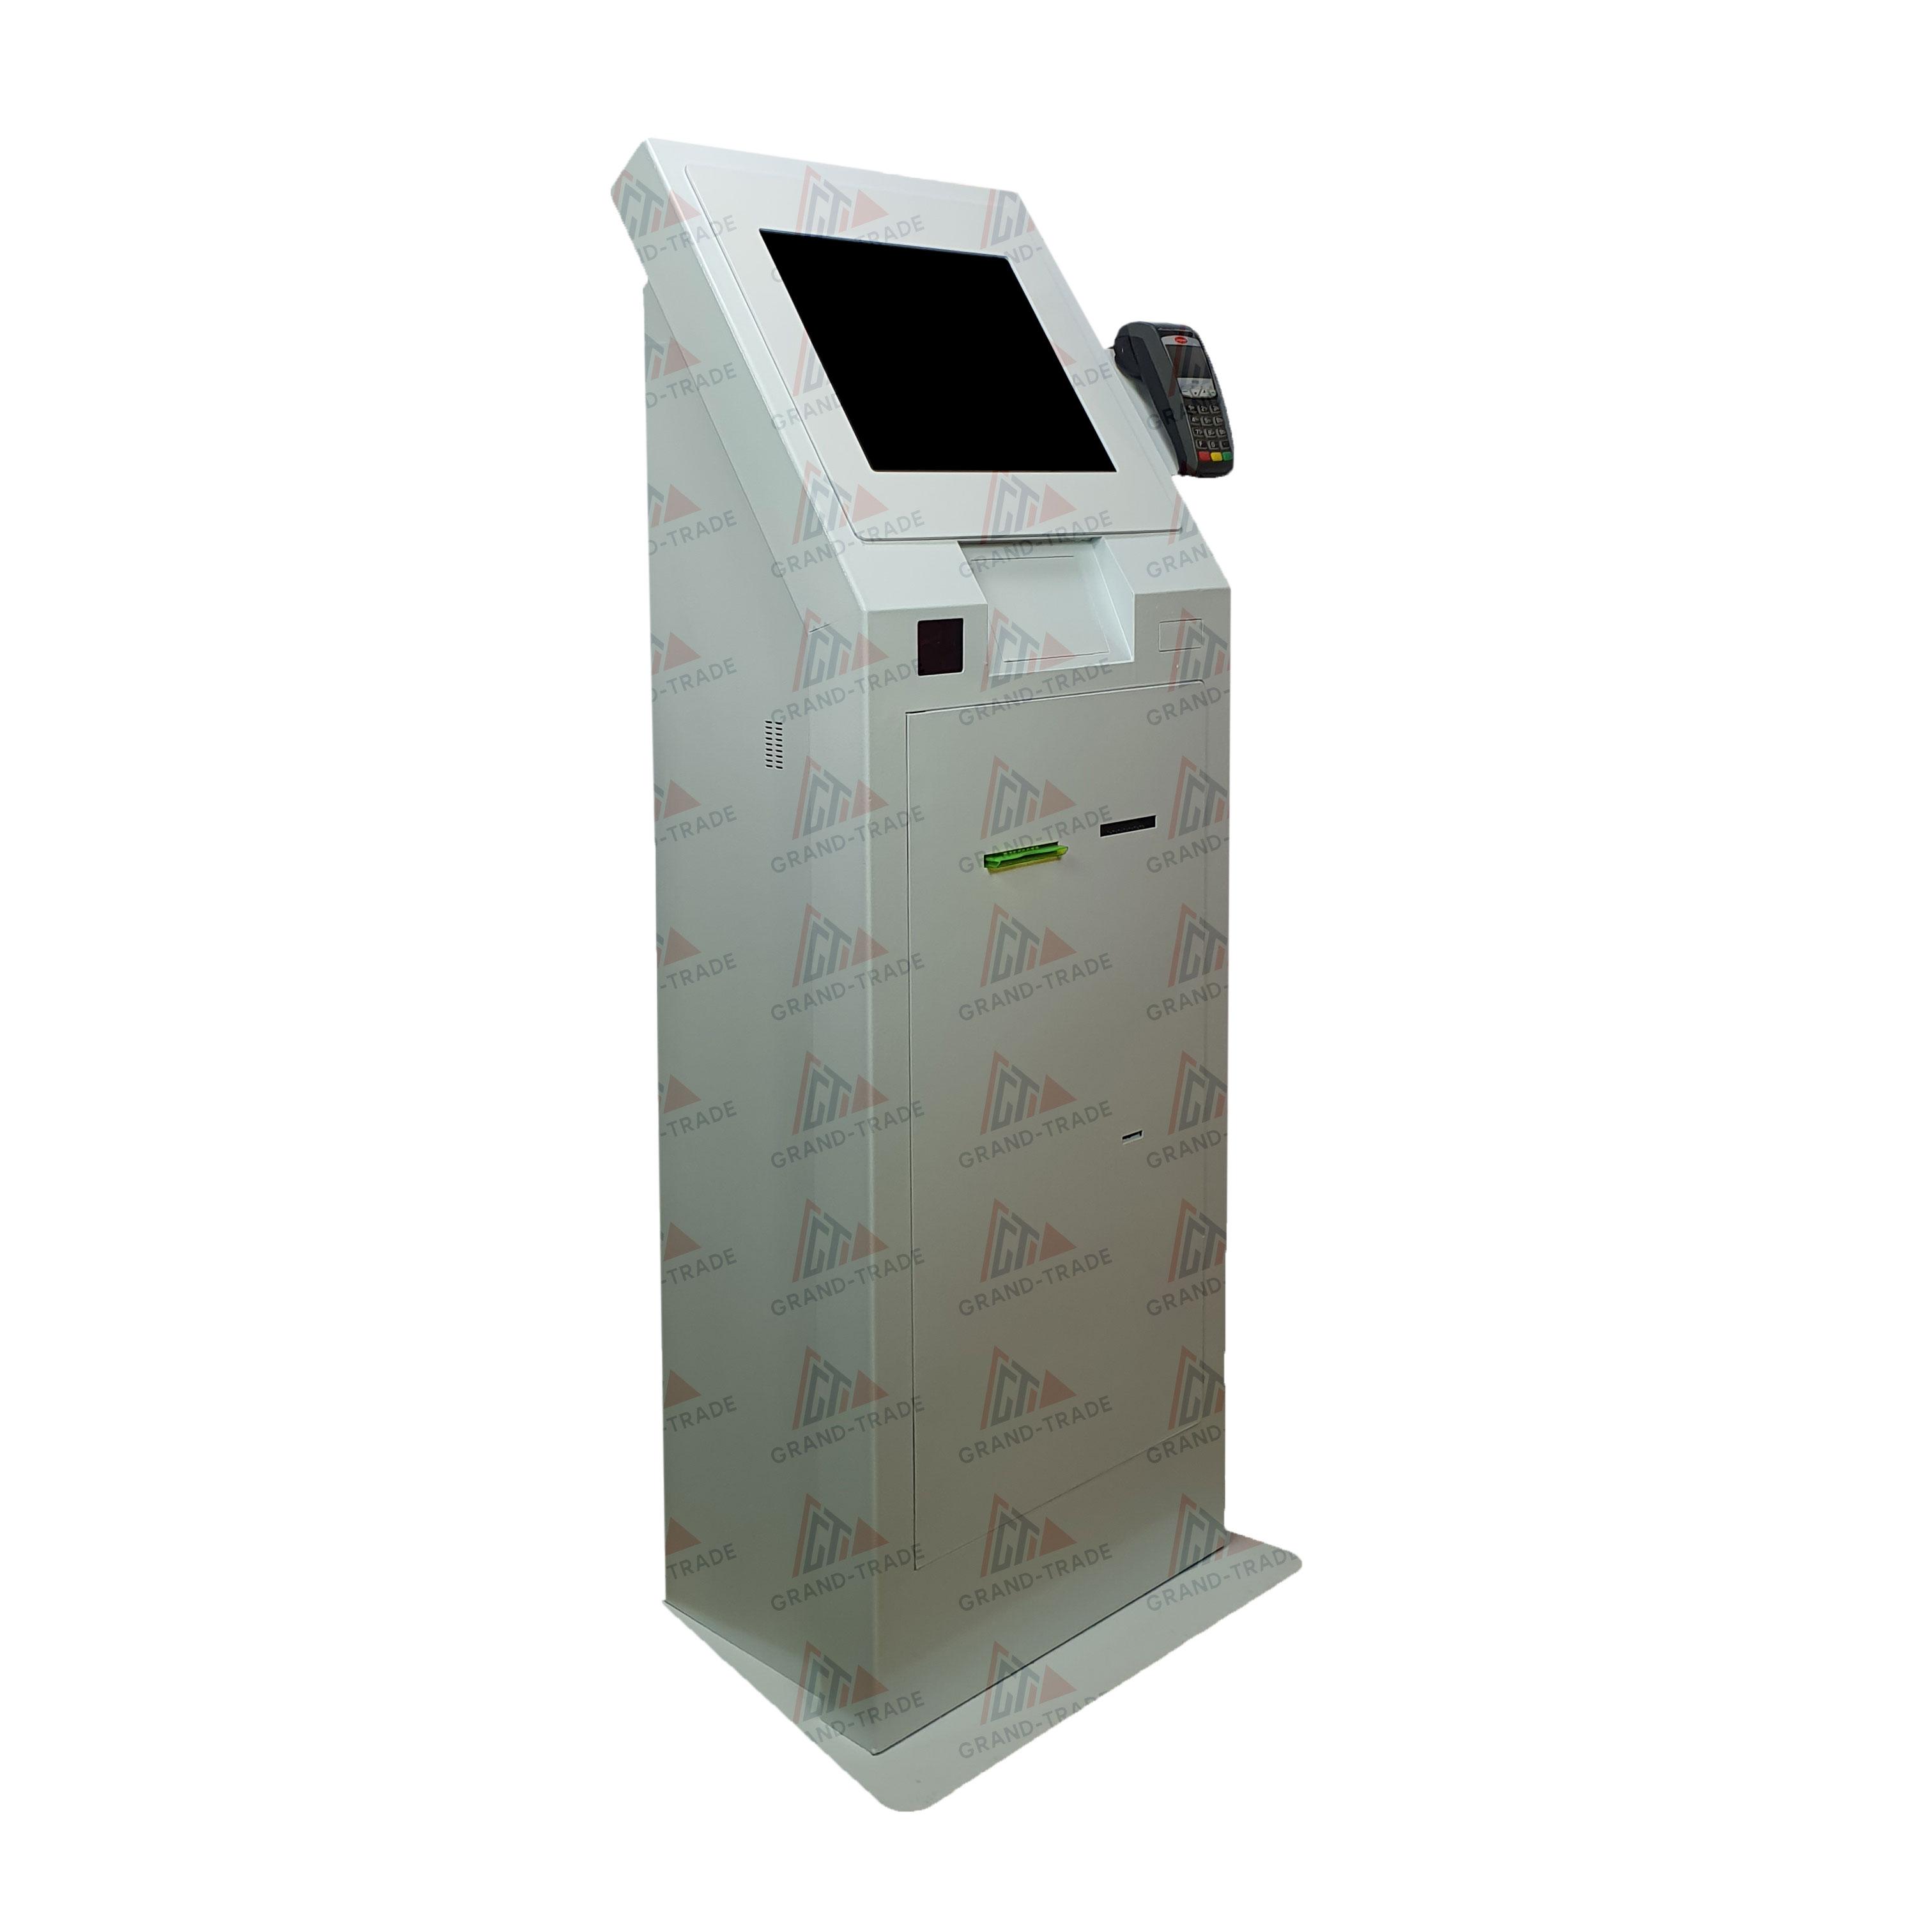 Электронный кассир с POS-терминалом